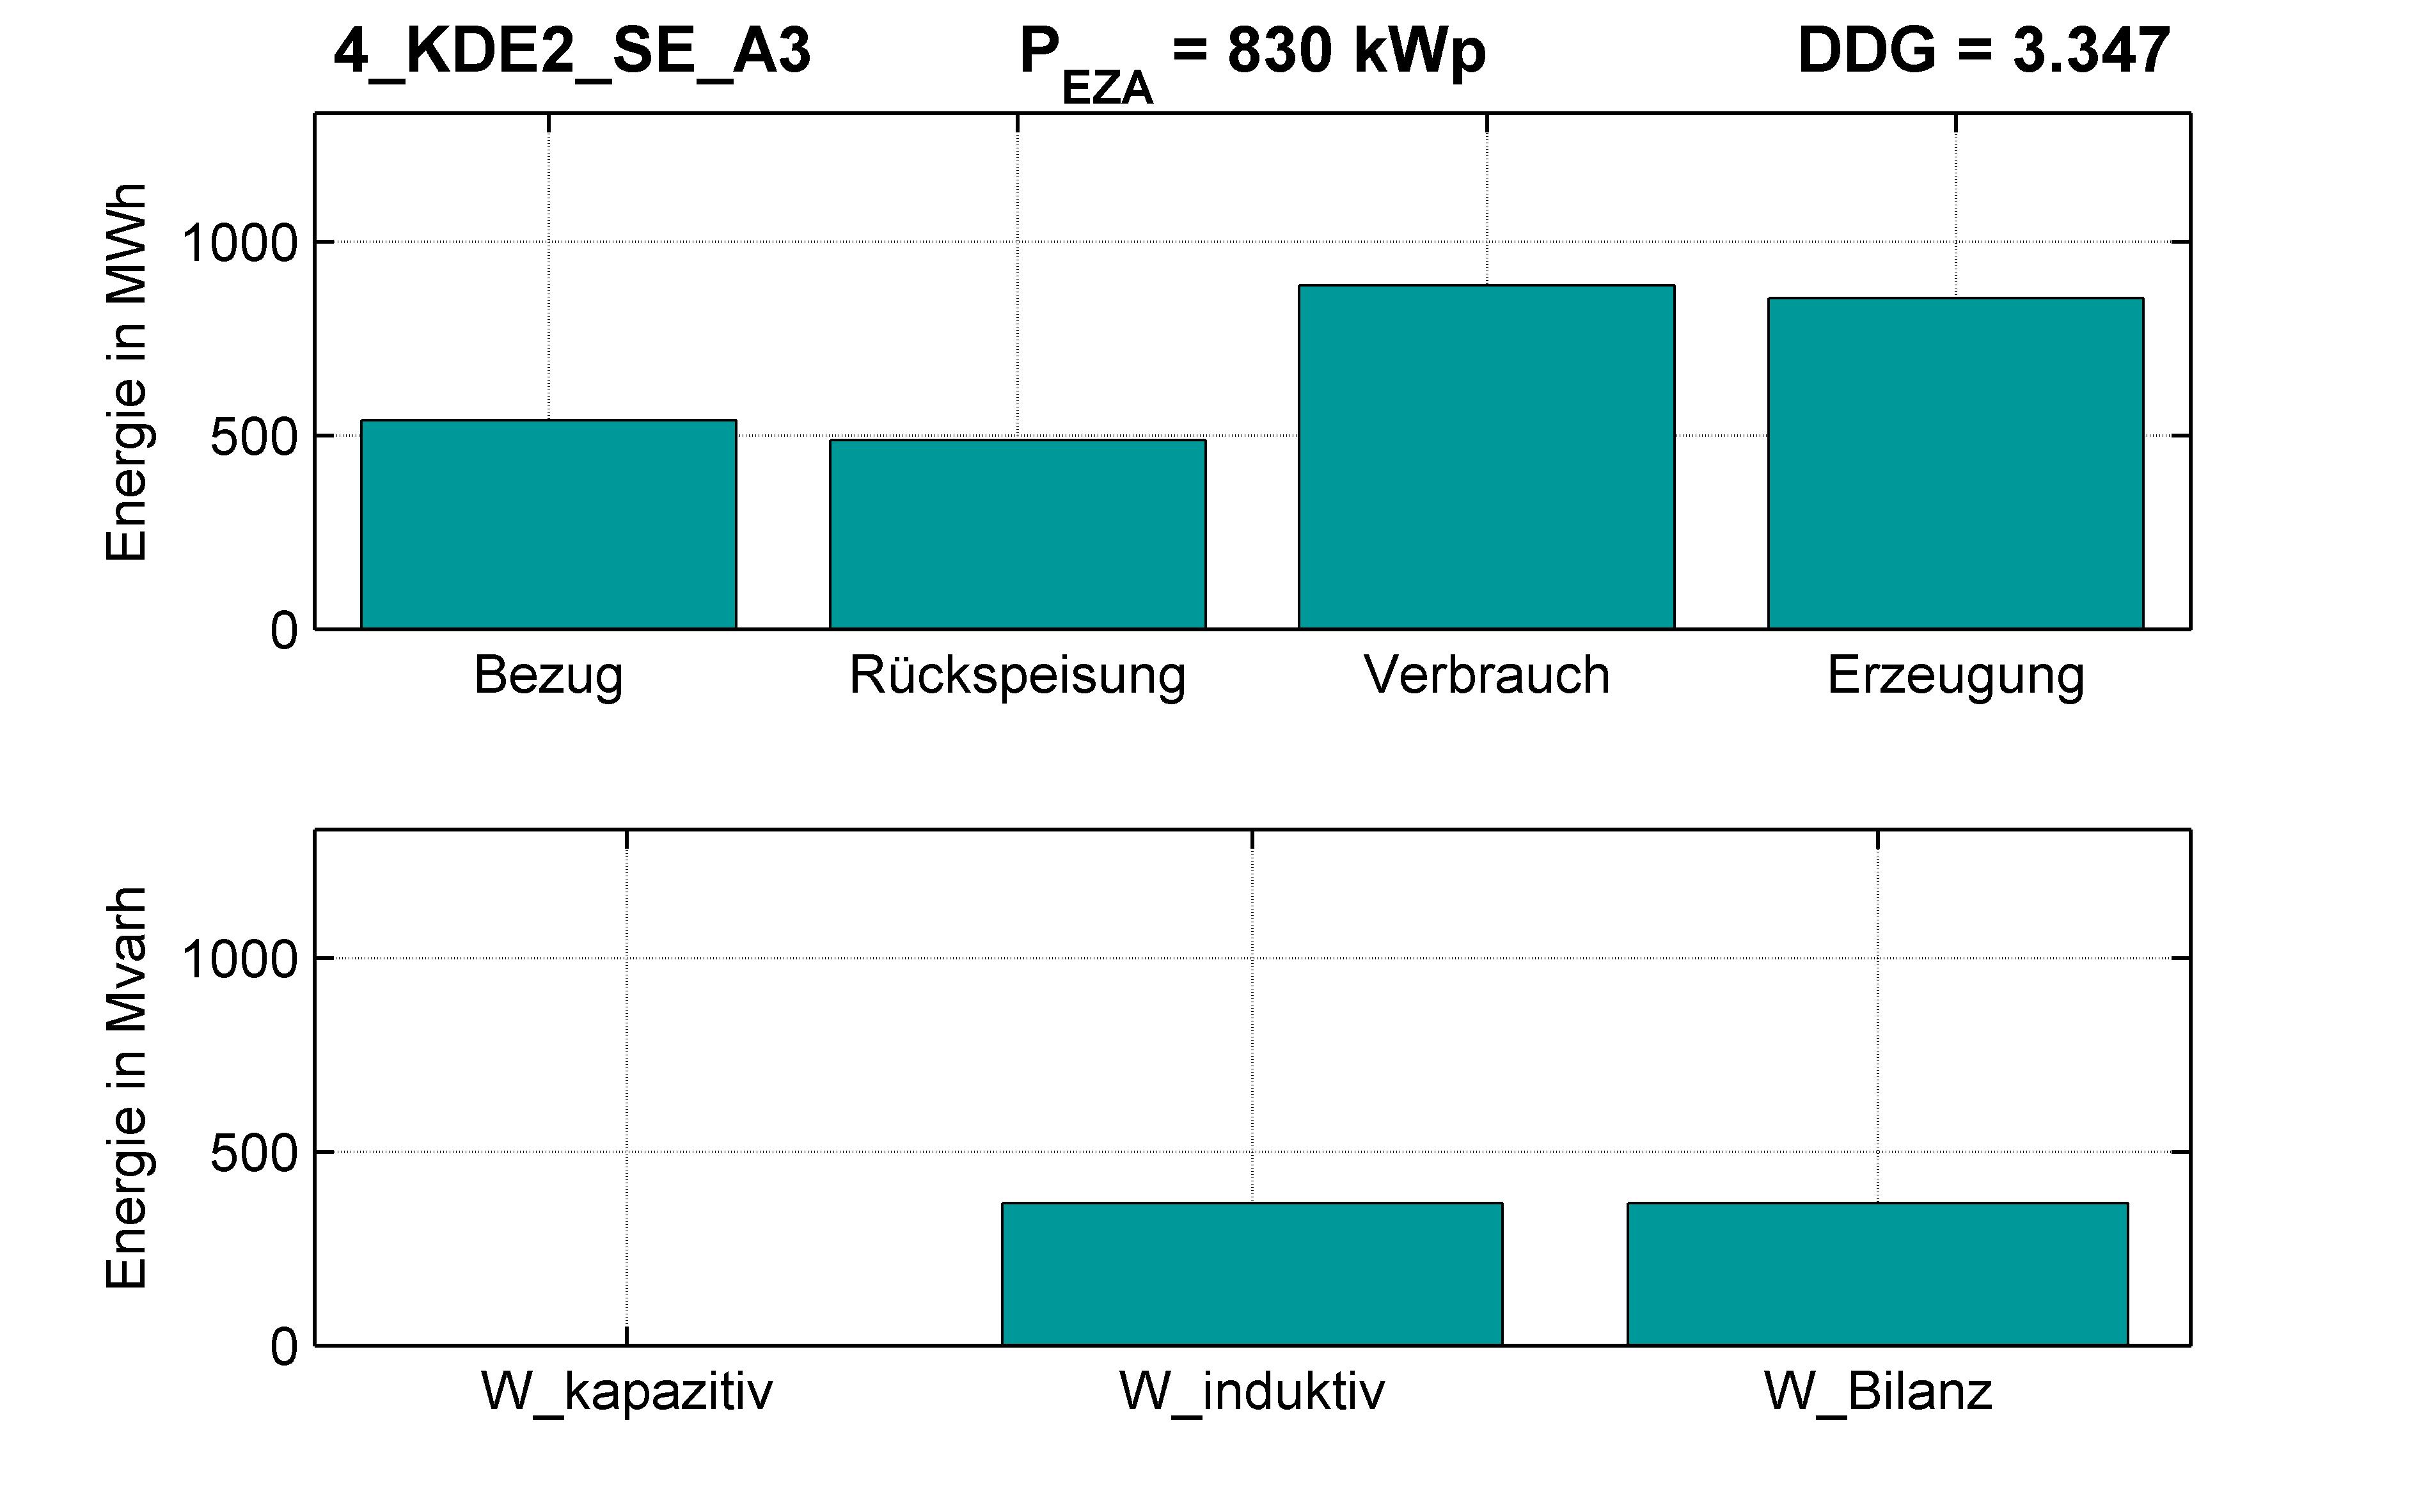 KDE2 | P-Kappung 55% (SE) A3 | PQ-Bilanz